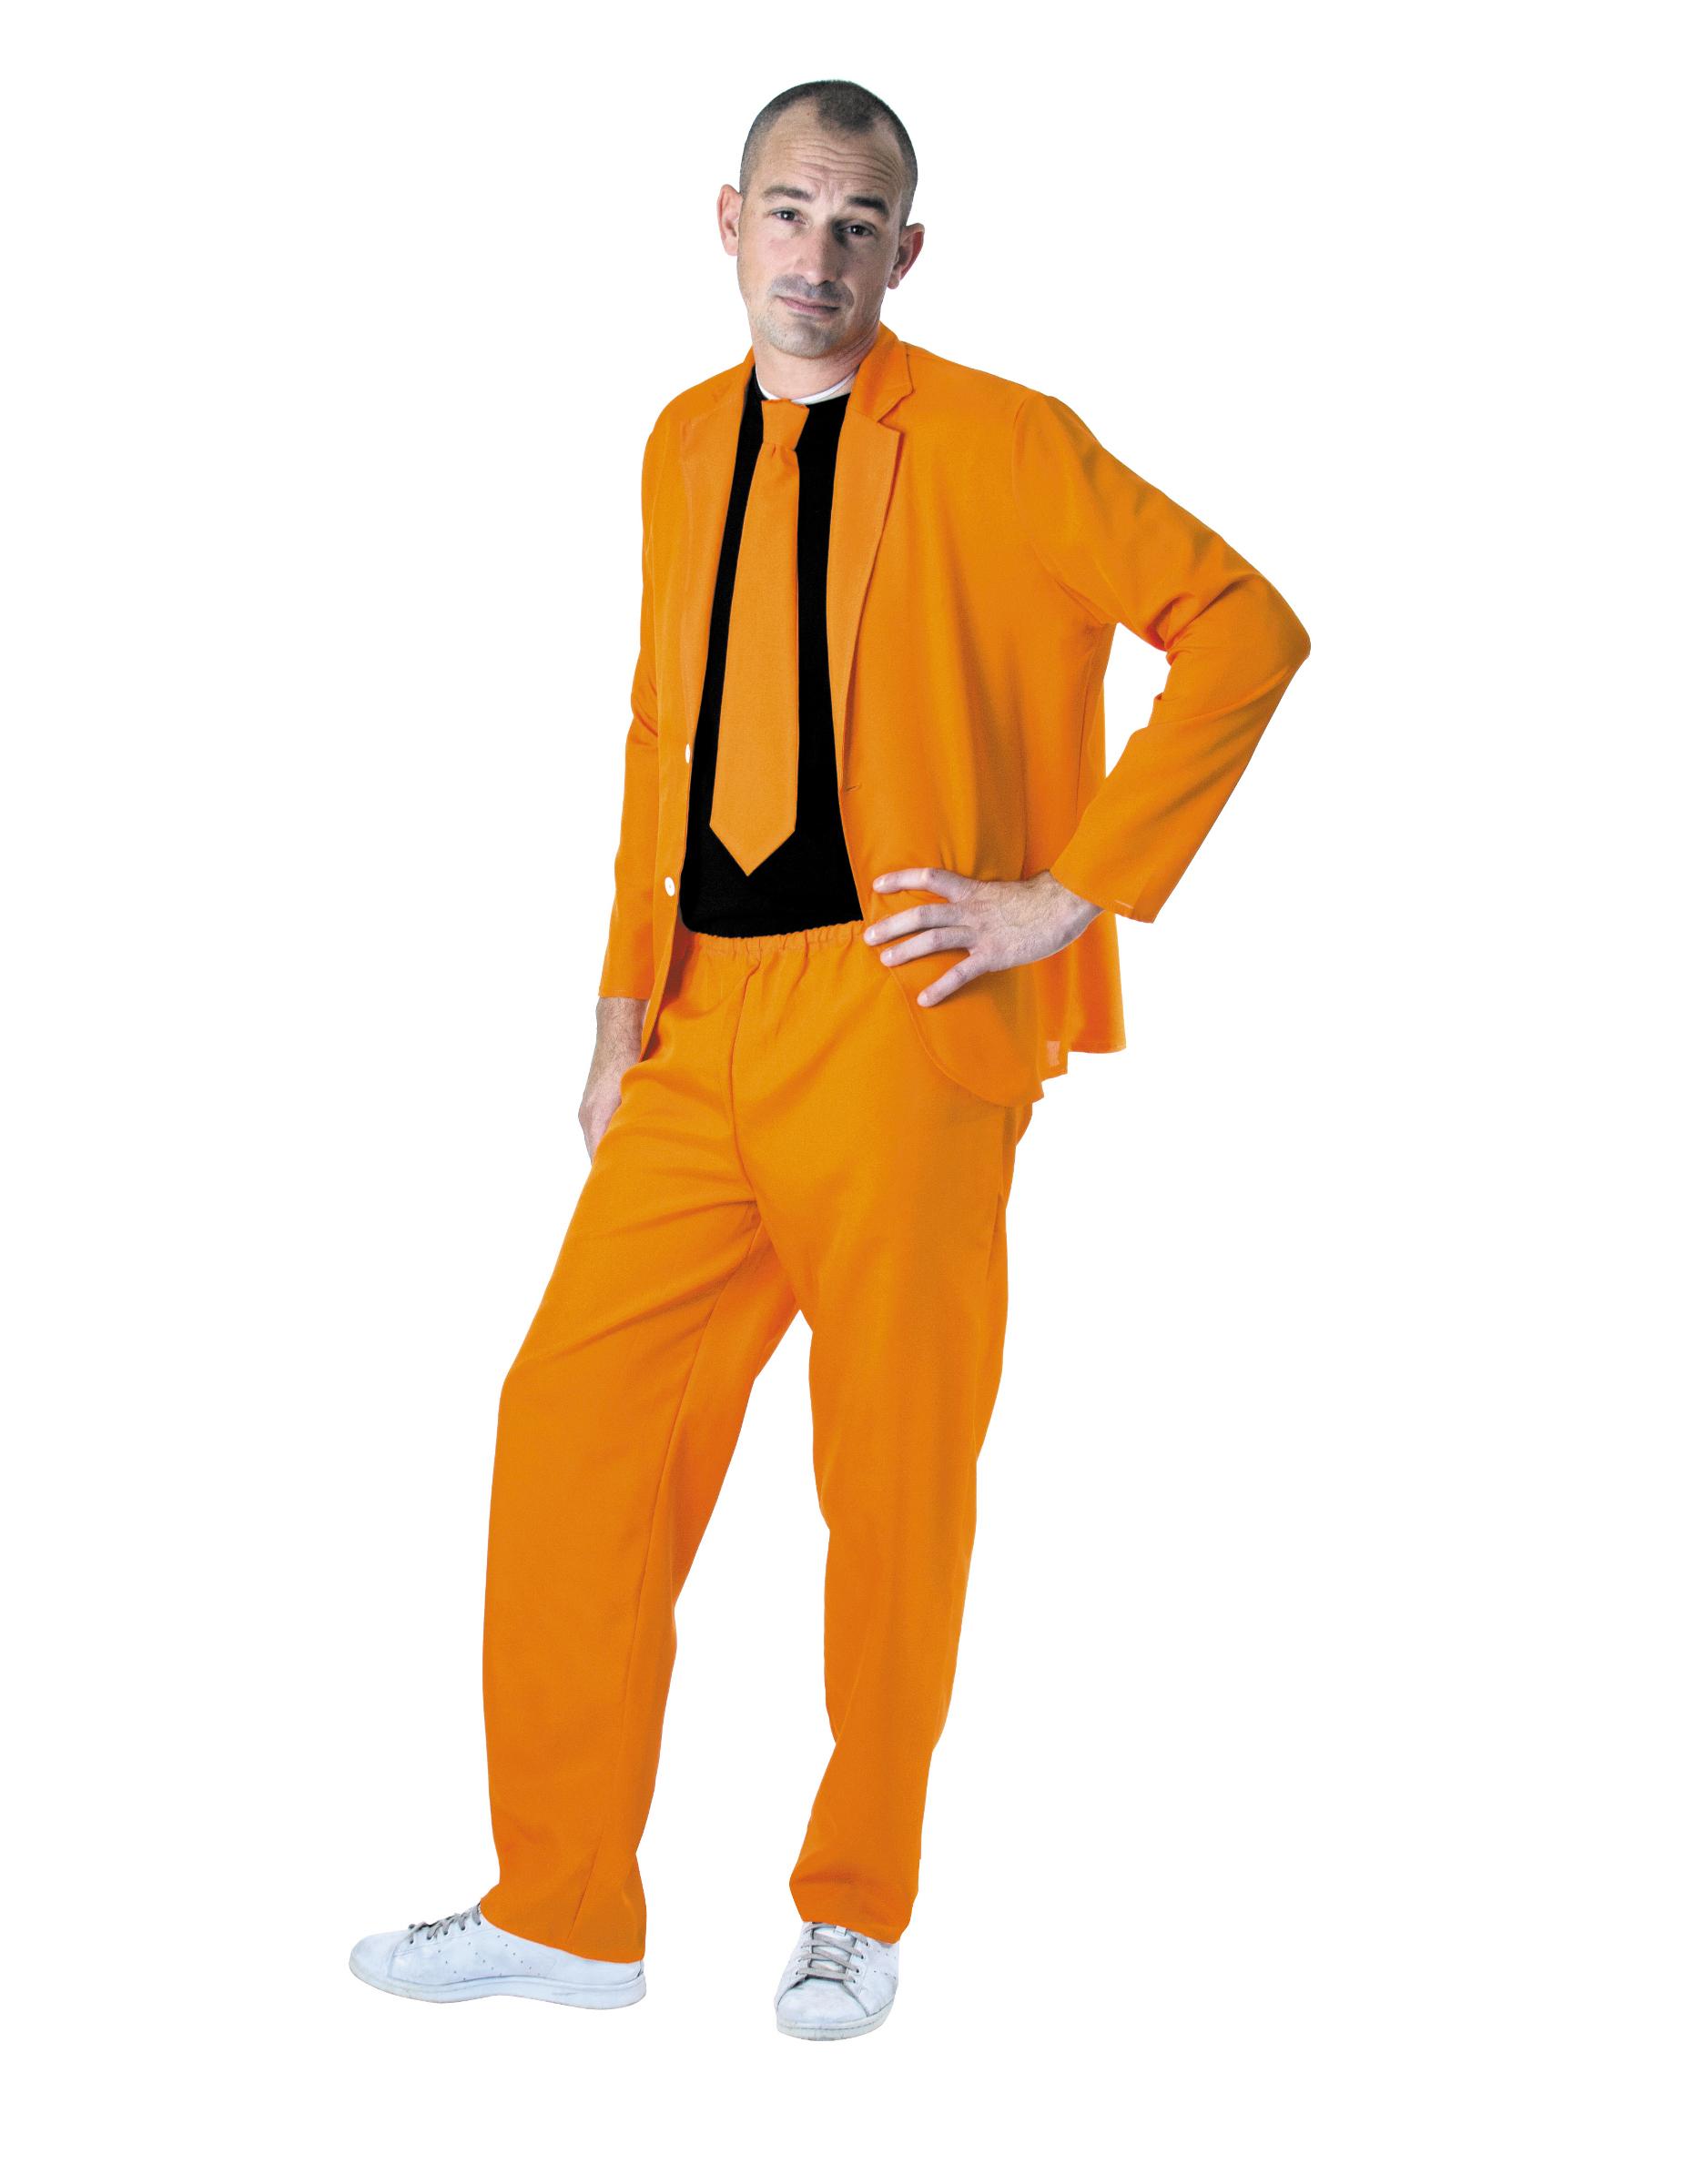 herren anzug neonorange g nstige faschings kost me bei karneval megastore. Black Bedroom Furniture Sets. Home Design Ideas